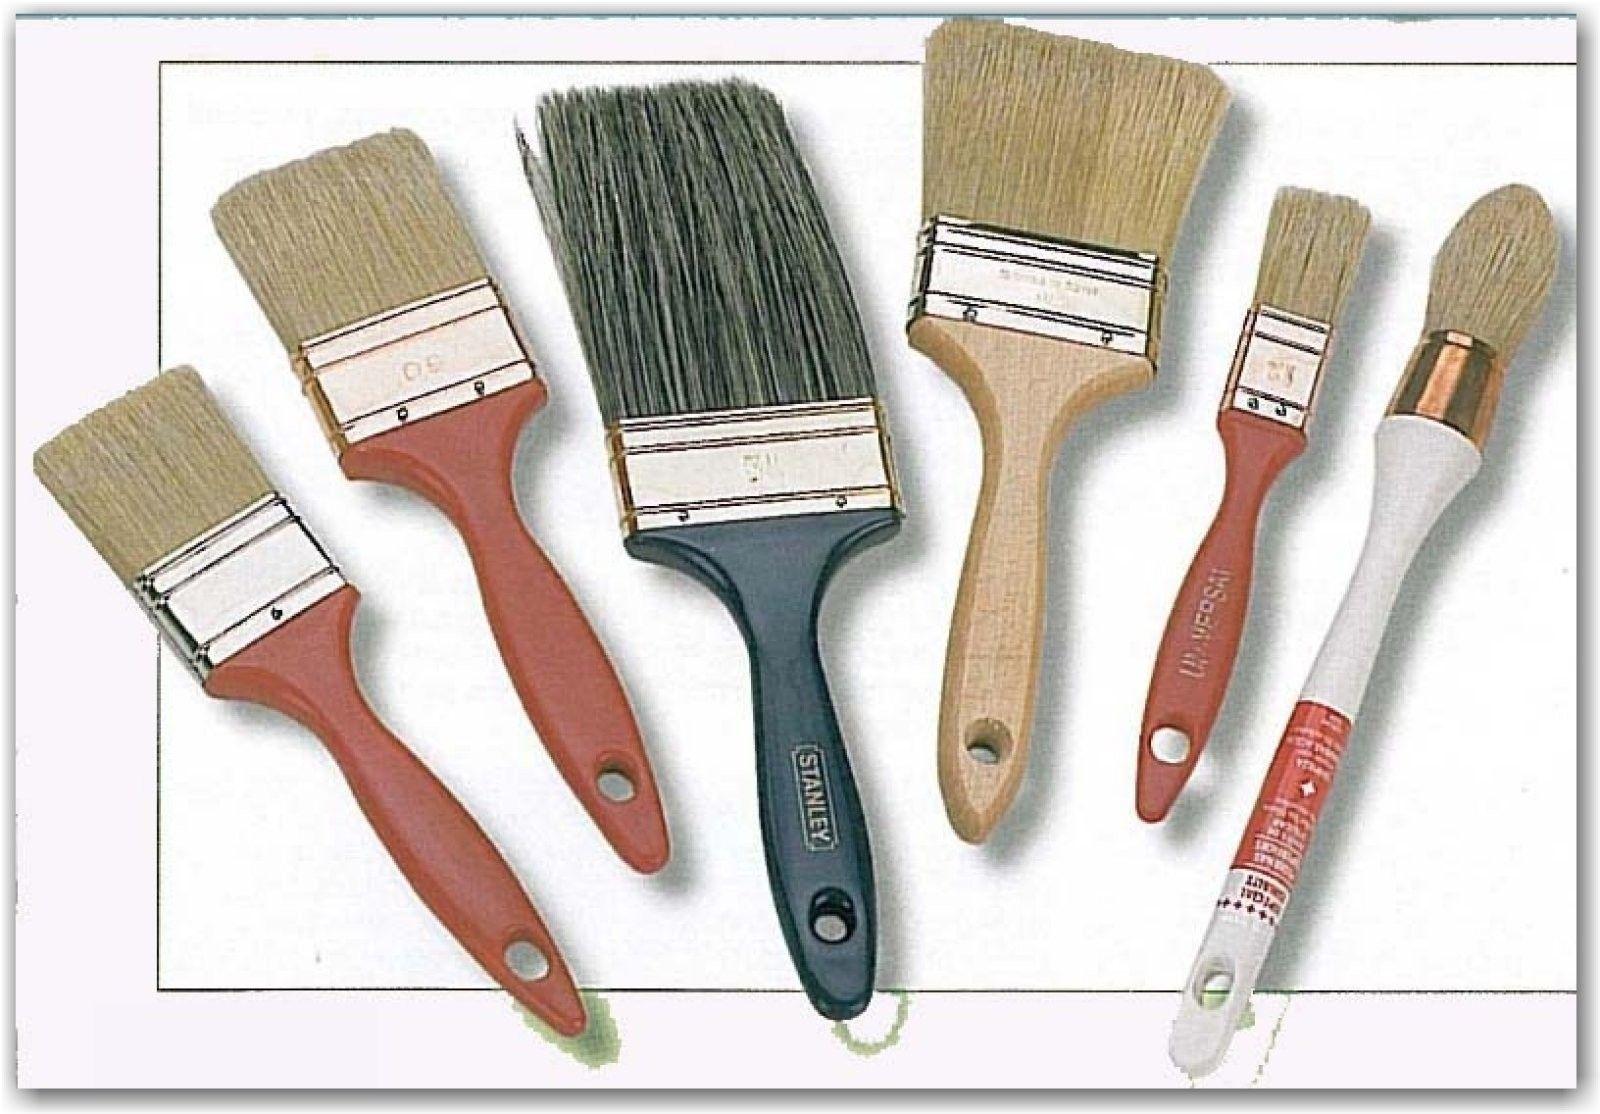 Herramientas De Pintura Tipos De Brochas Y Rodillos Tipo De Brochas Herramientas De Pintura Rodillos Para Pintar